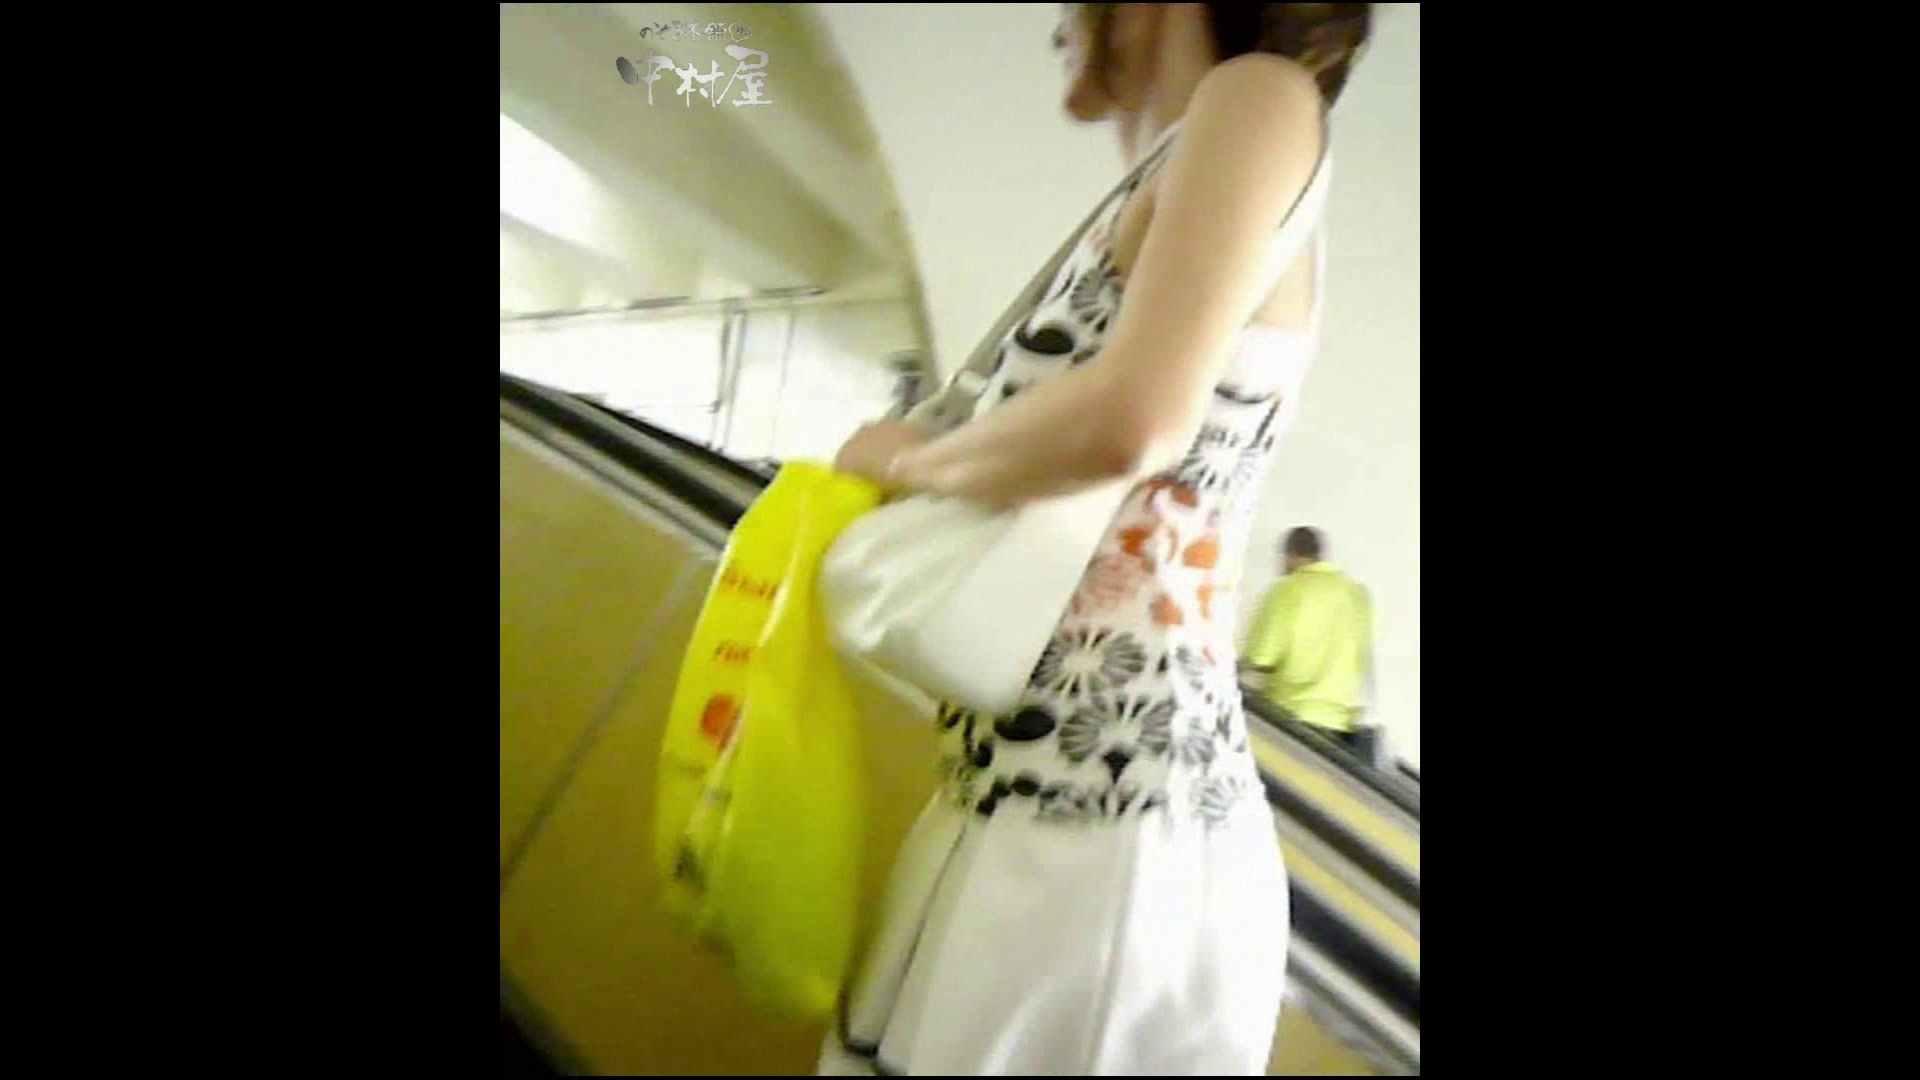 綺麗なモデルさんのスカート捲っちゃおう‼ vol28 お姉さんのエロ動画 | 0  111PIX 27